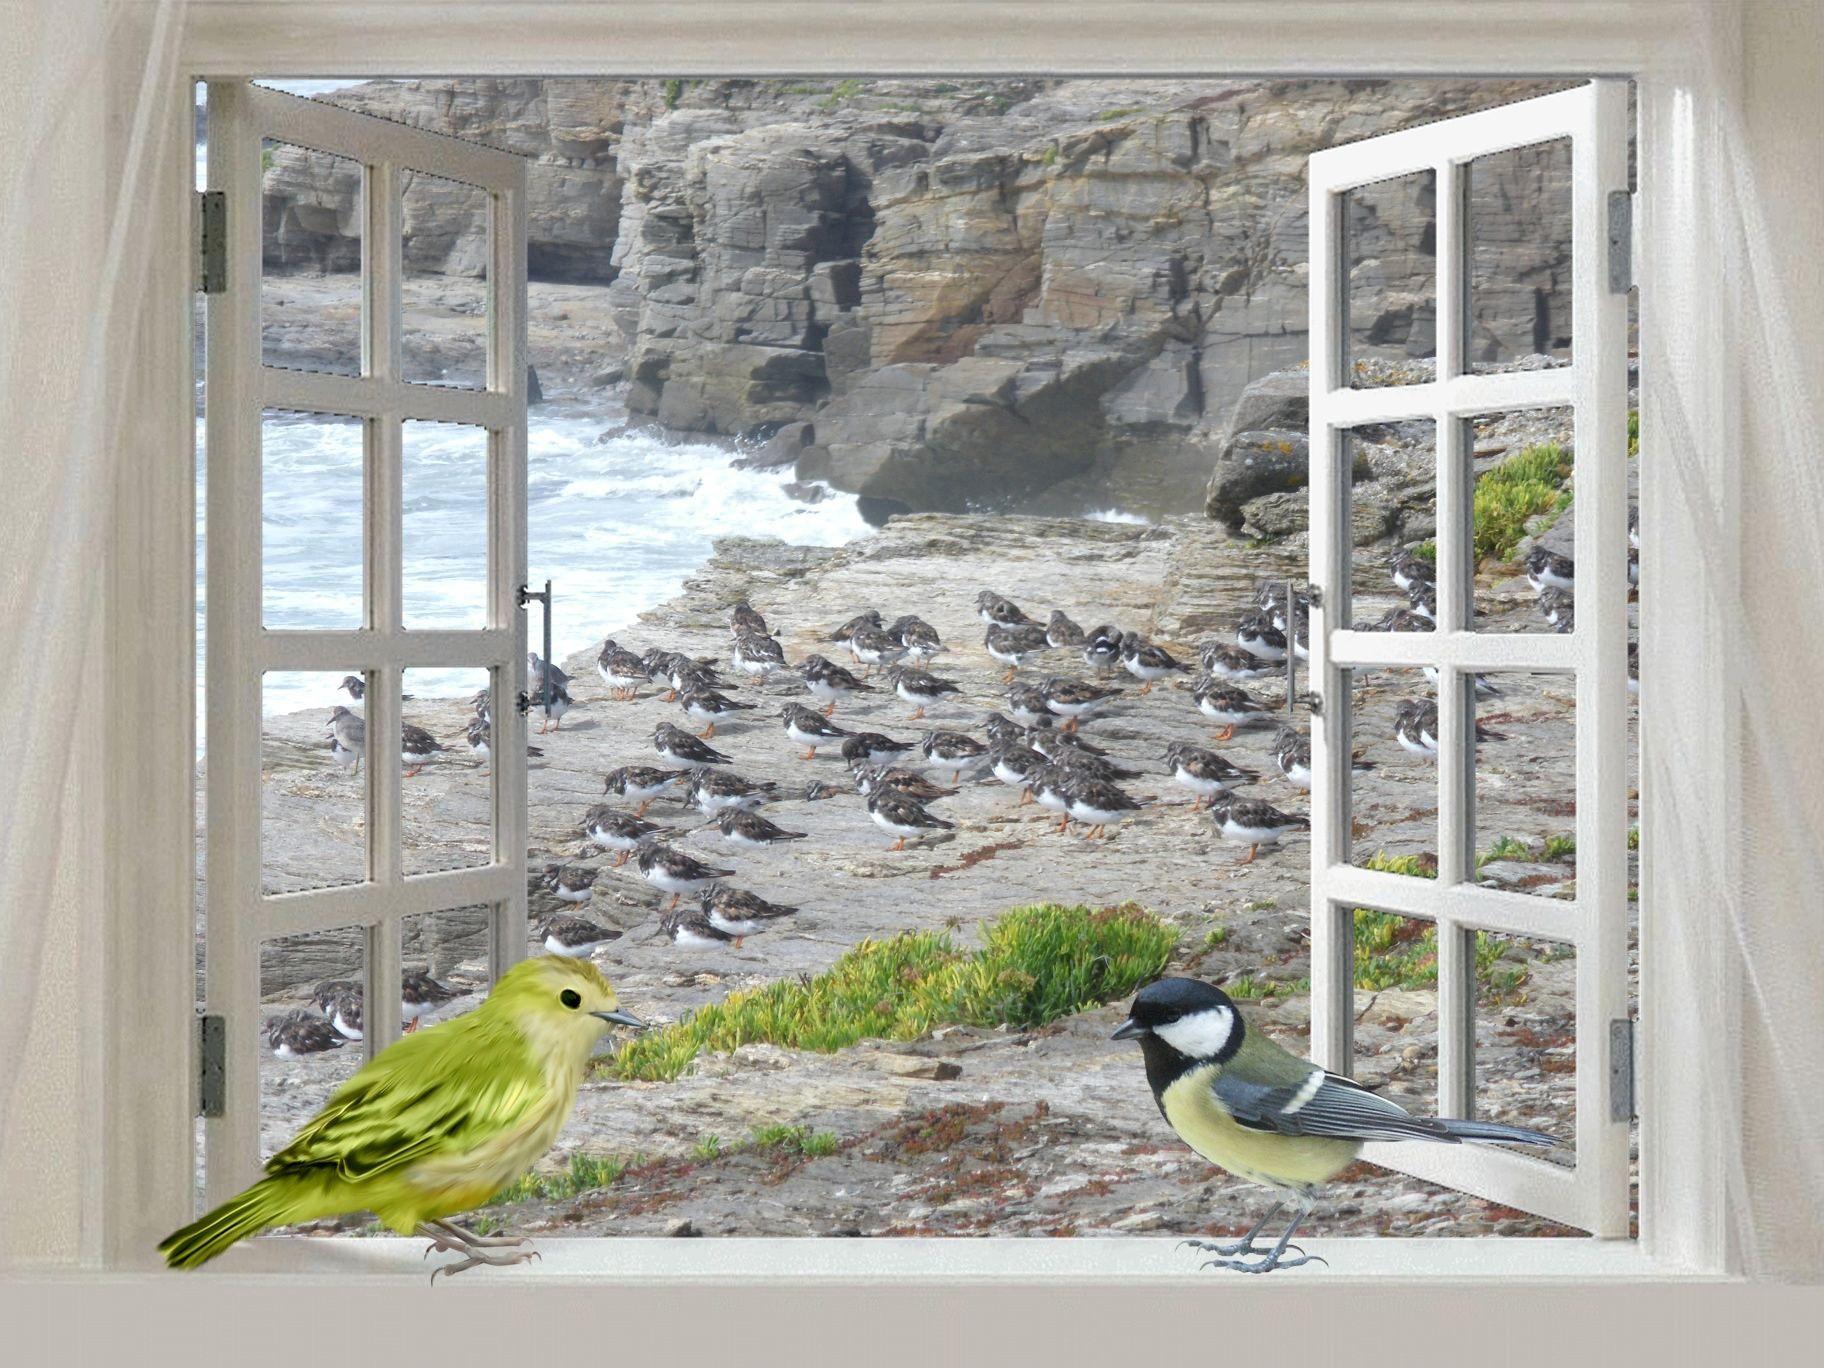 Poemes pour oiseaux page 4 for Lorie par la fenetre je regarde seul parole